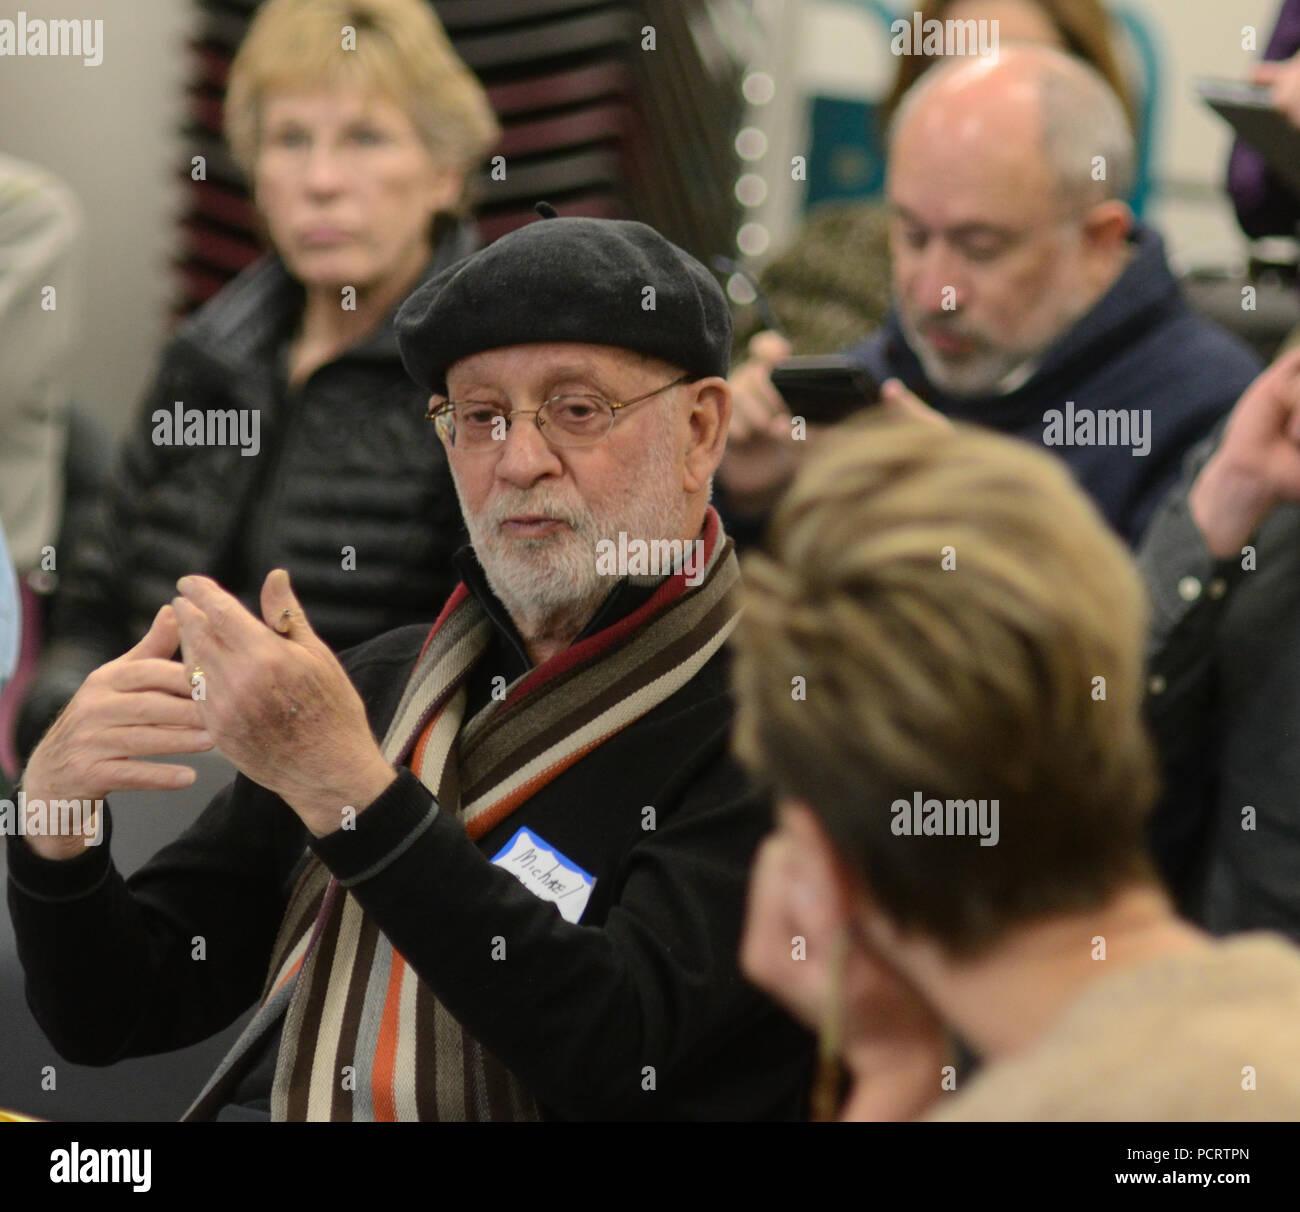 Un abogado residente de Boulder gestos mientras realiza un punto durante un 'Chat' con el Consejo reunido en Boulder. Imagen De Stock